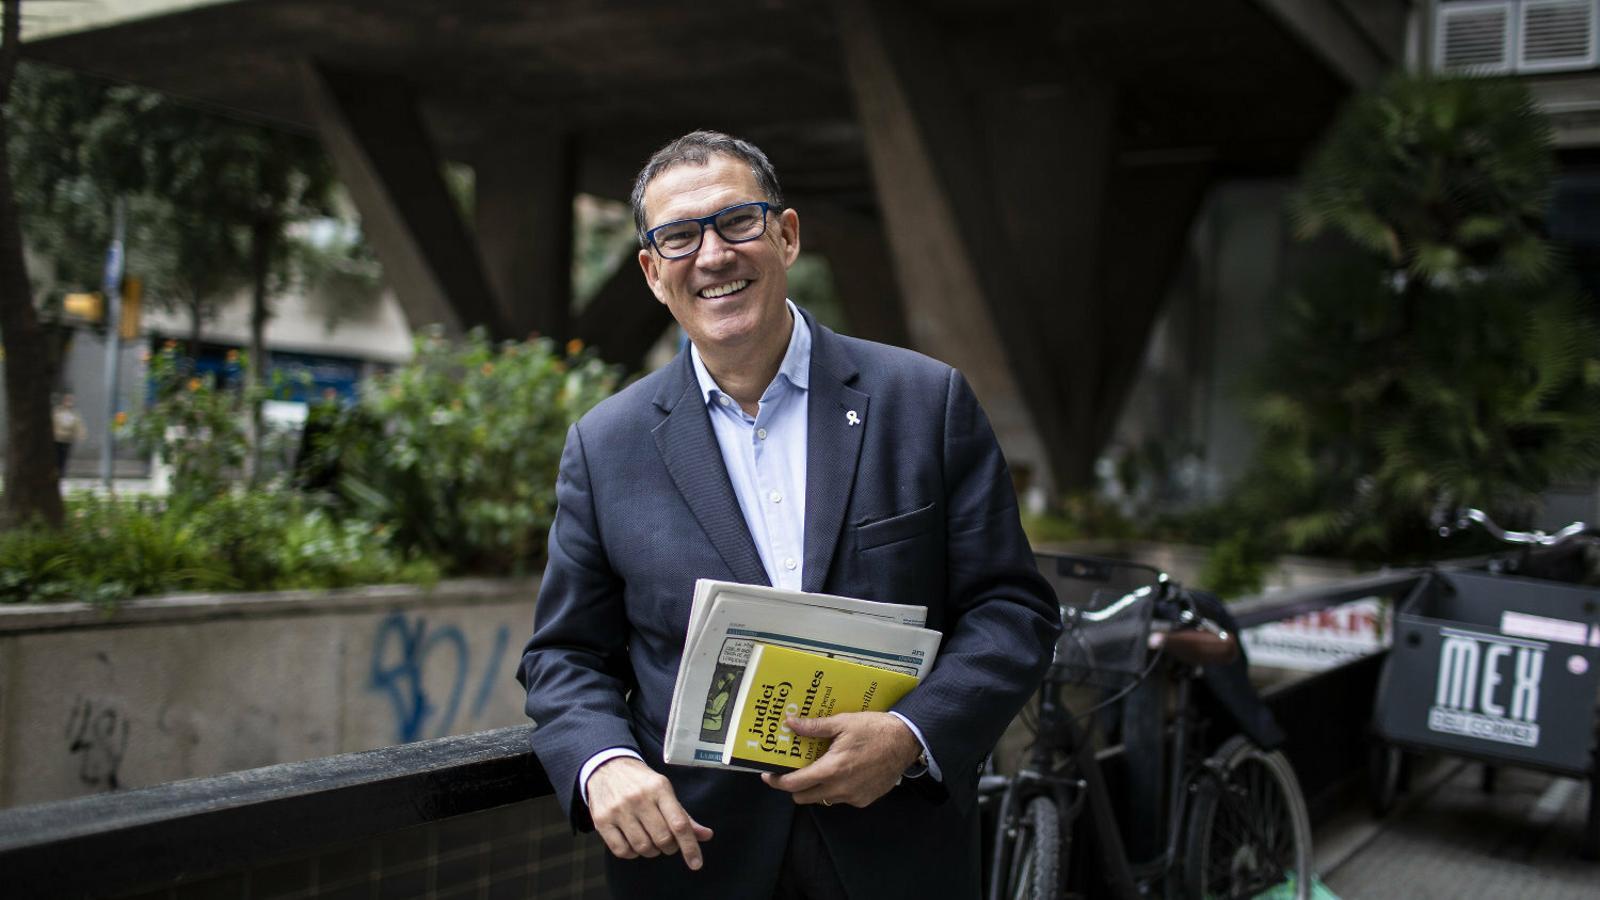 """Jaume Alonso-Cuevillas: """"O hi ha un pacte secret d'ERC amb Sánchez o no entenc el sentit d'investir-lo"""""""